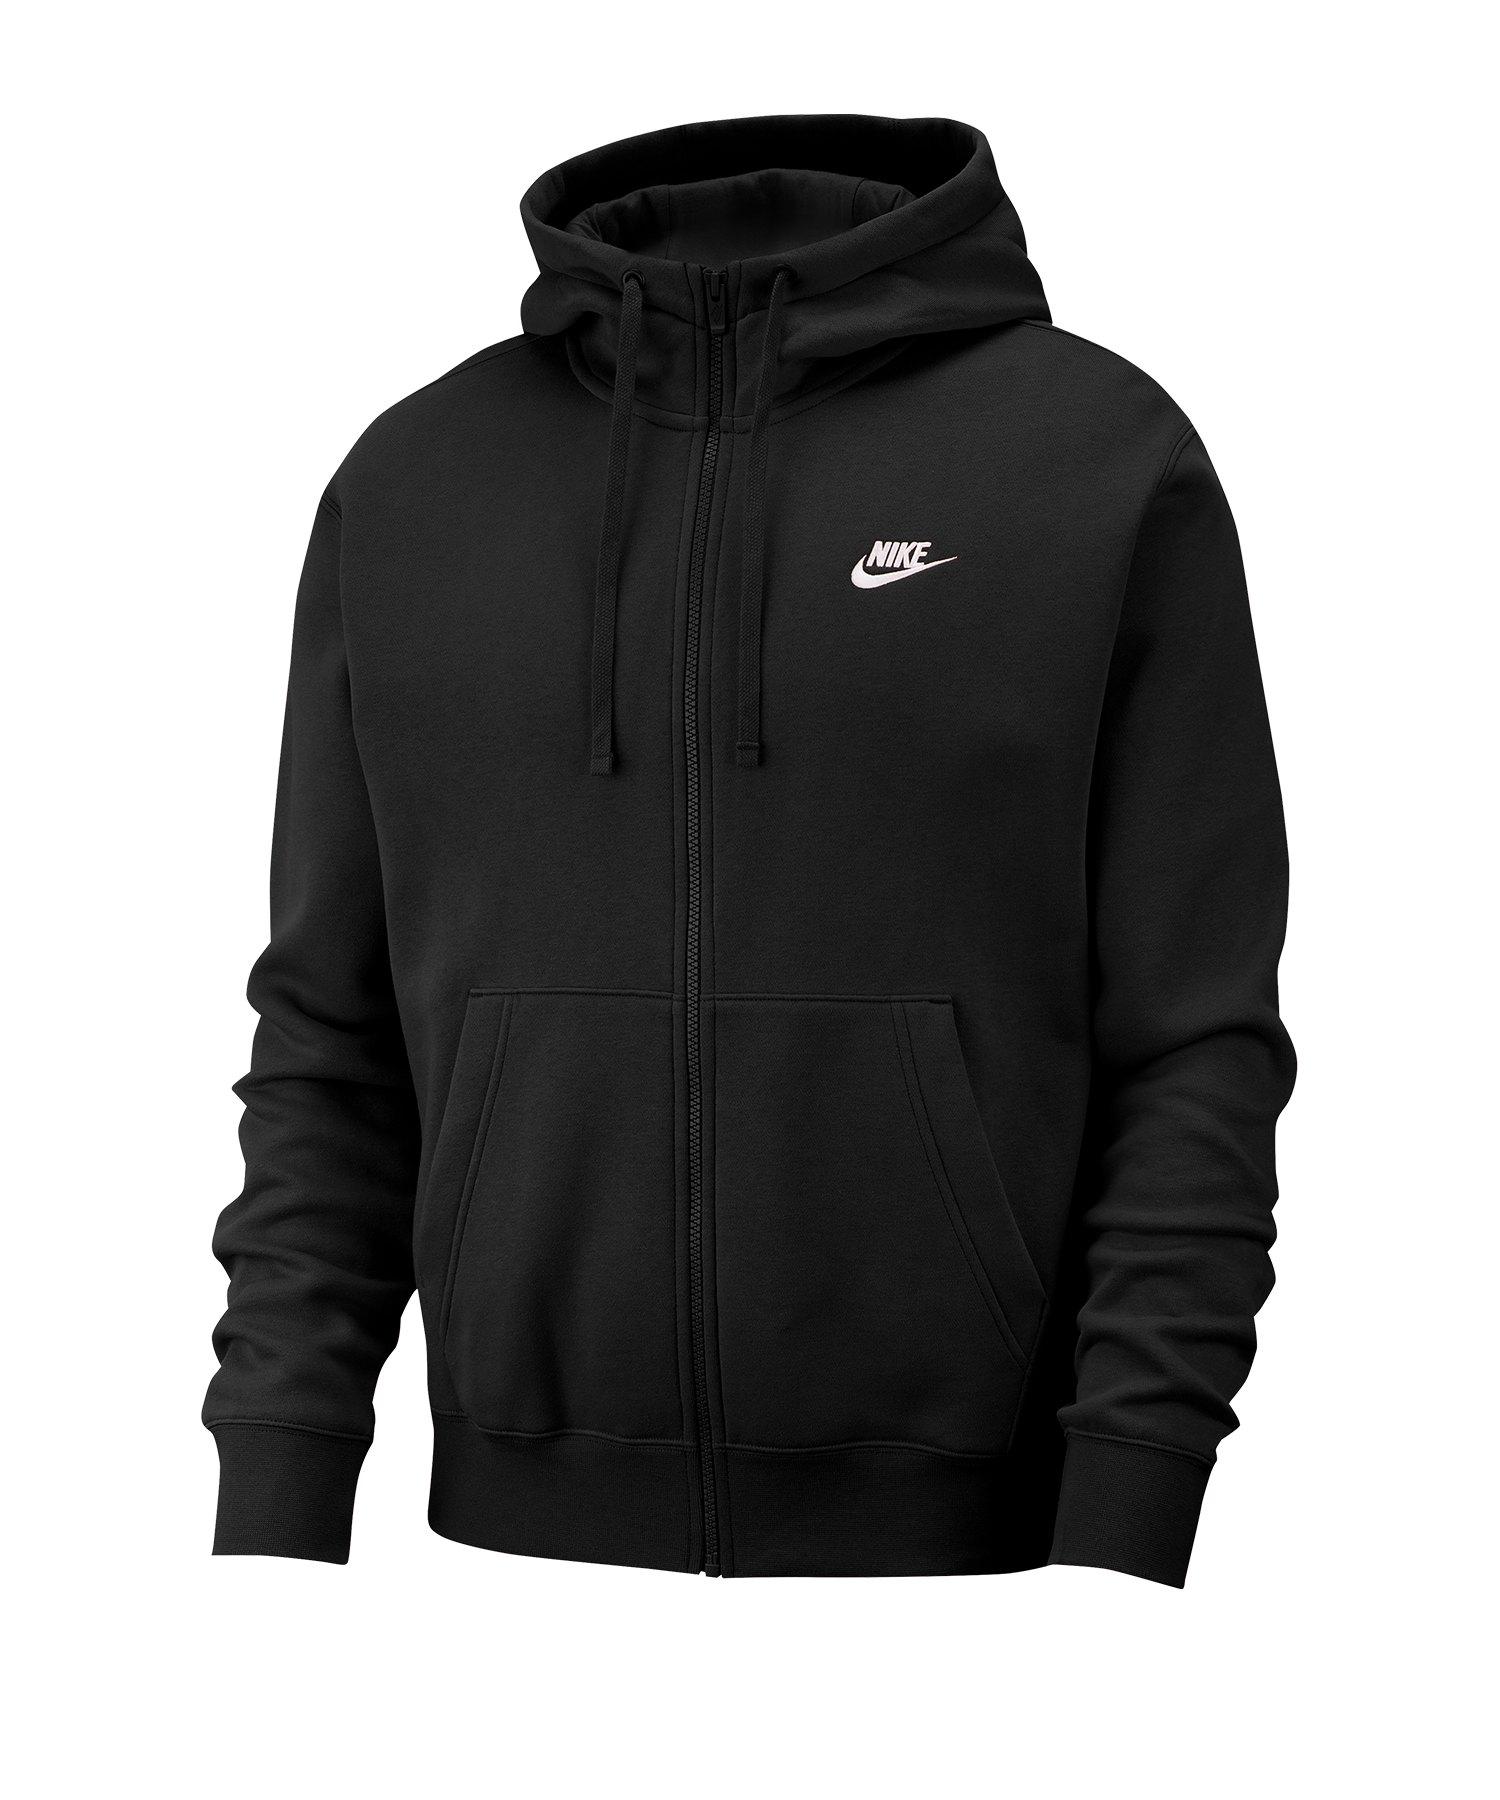 Nike Club Fleece Kapuzenjacke Schwarz F010 - schwarz